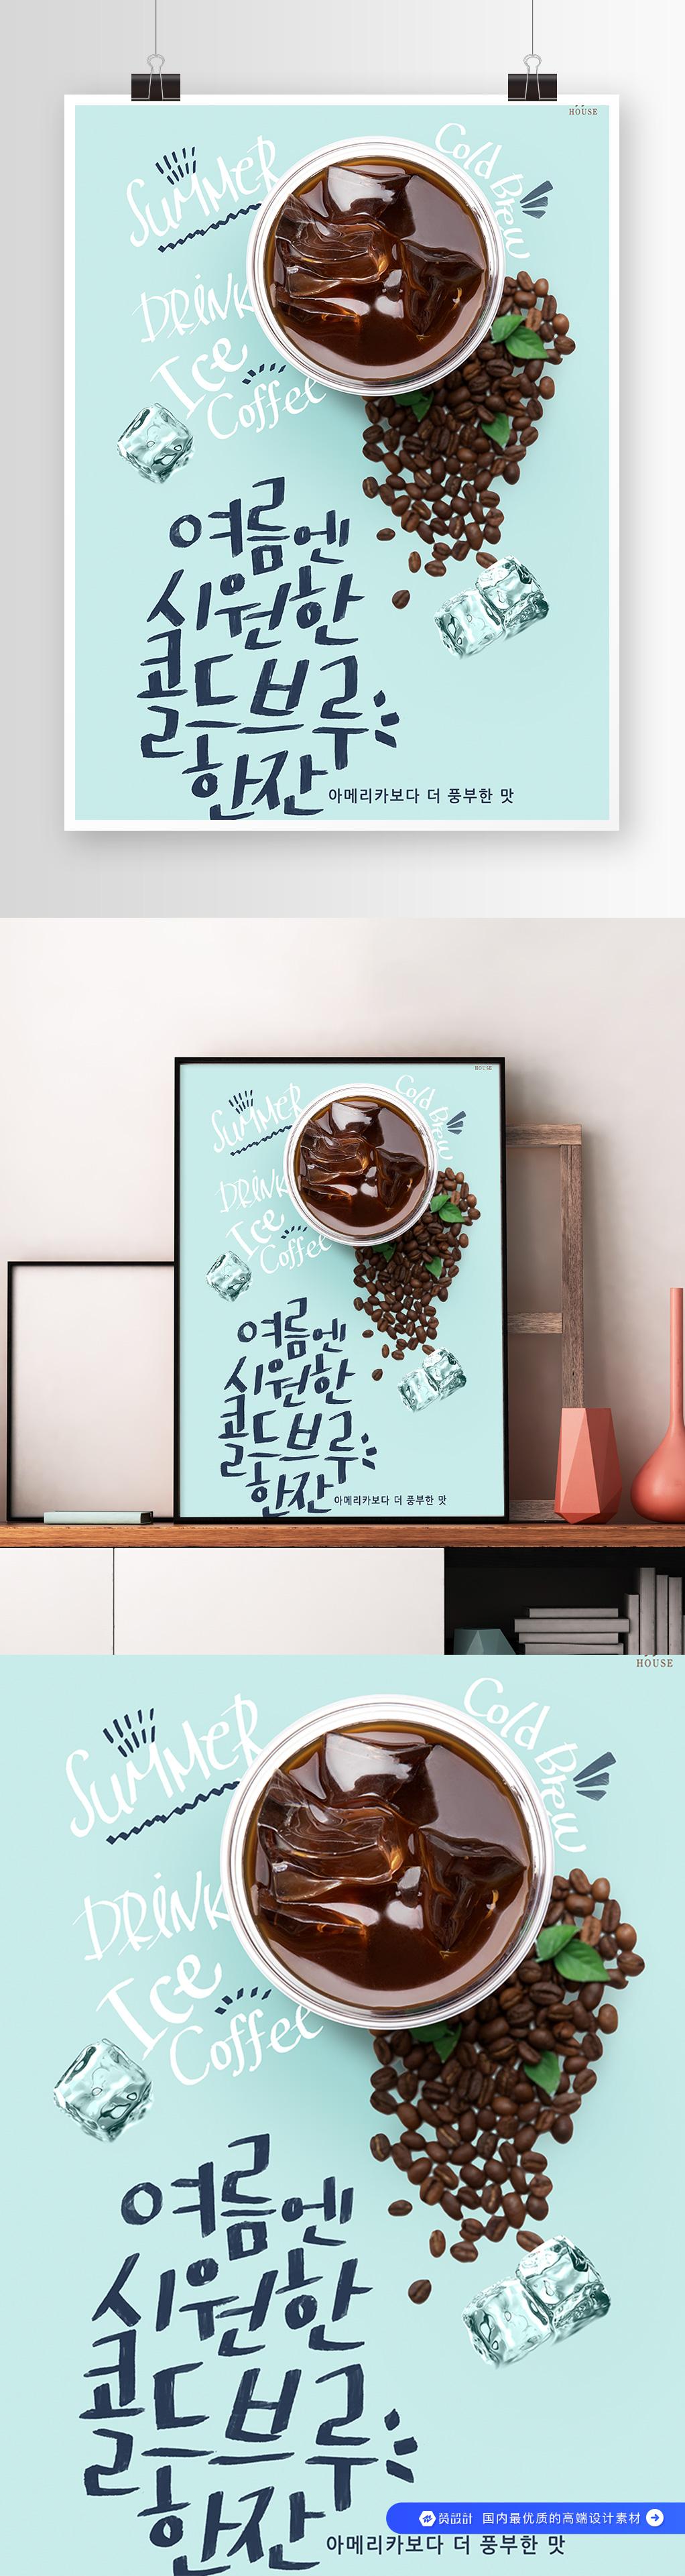 夏日冷饮冰咖啡海报psd